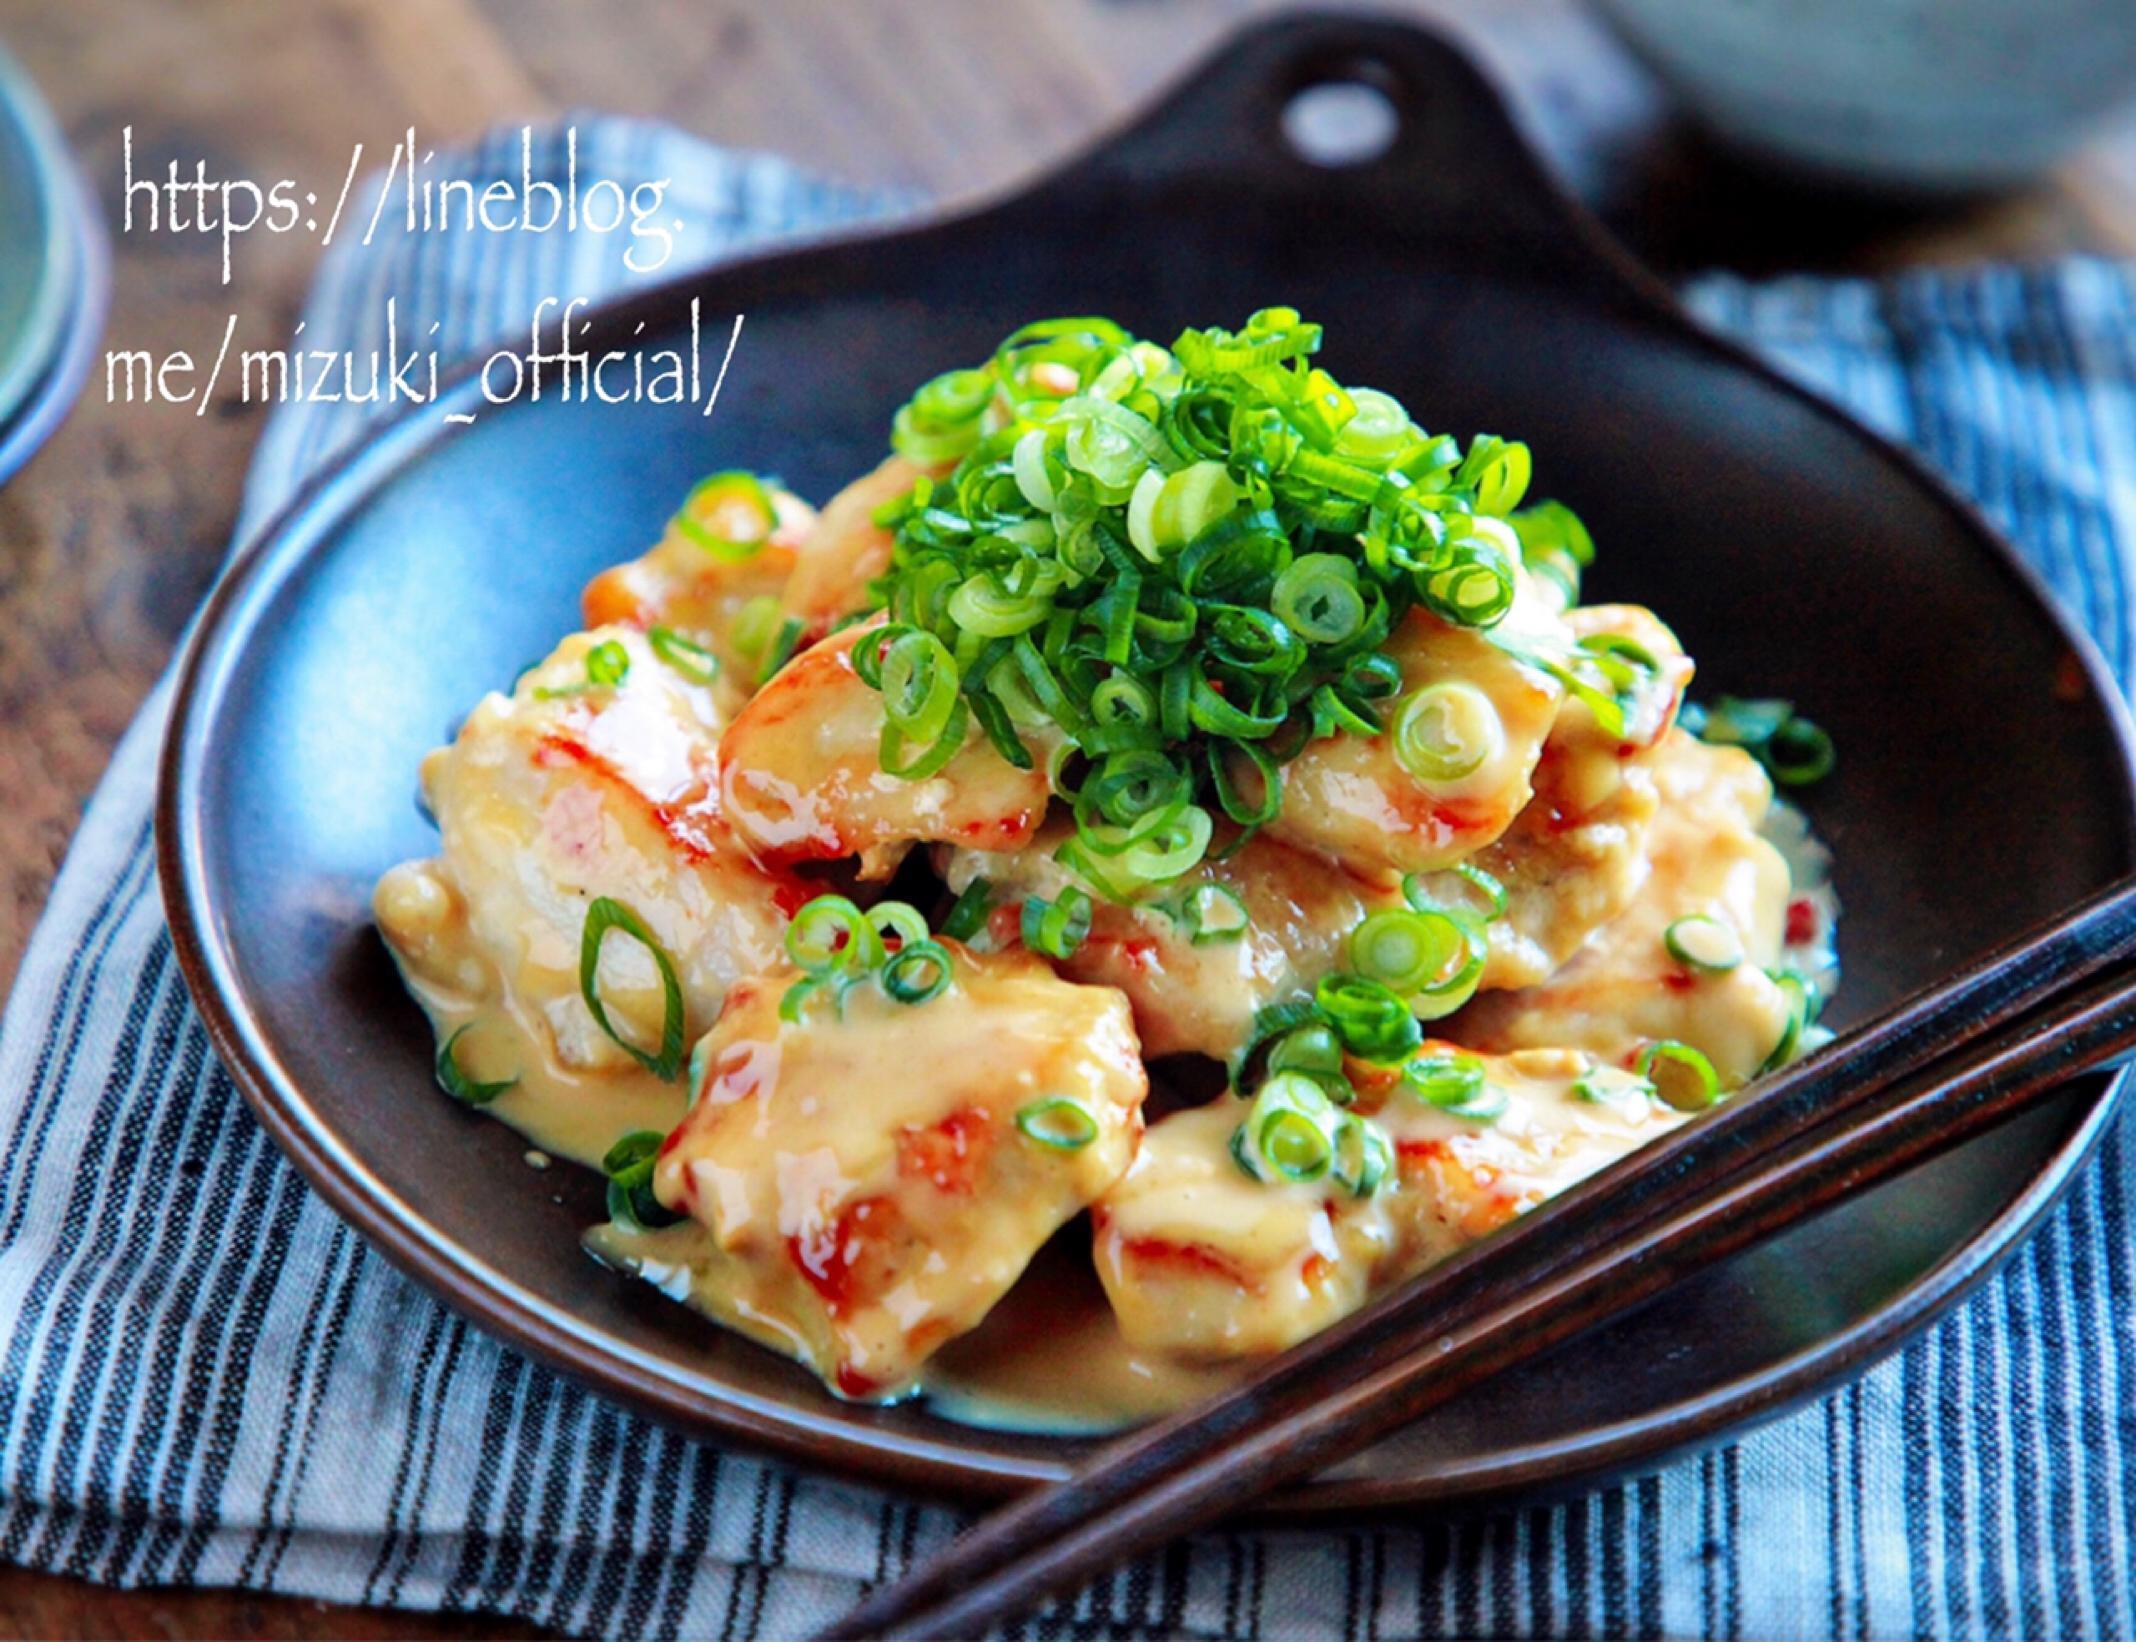 ♡鶏むね肉のマヨだれ和え♡【#簡単#時短#節約#コスパ】